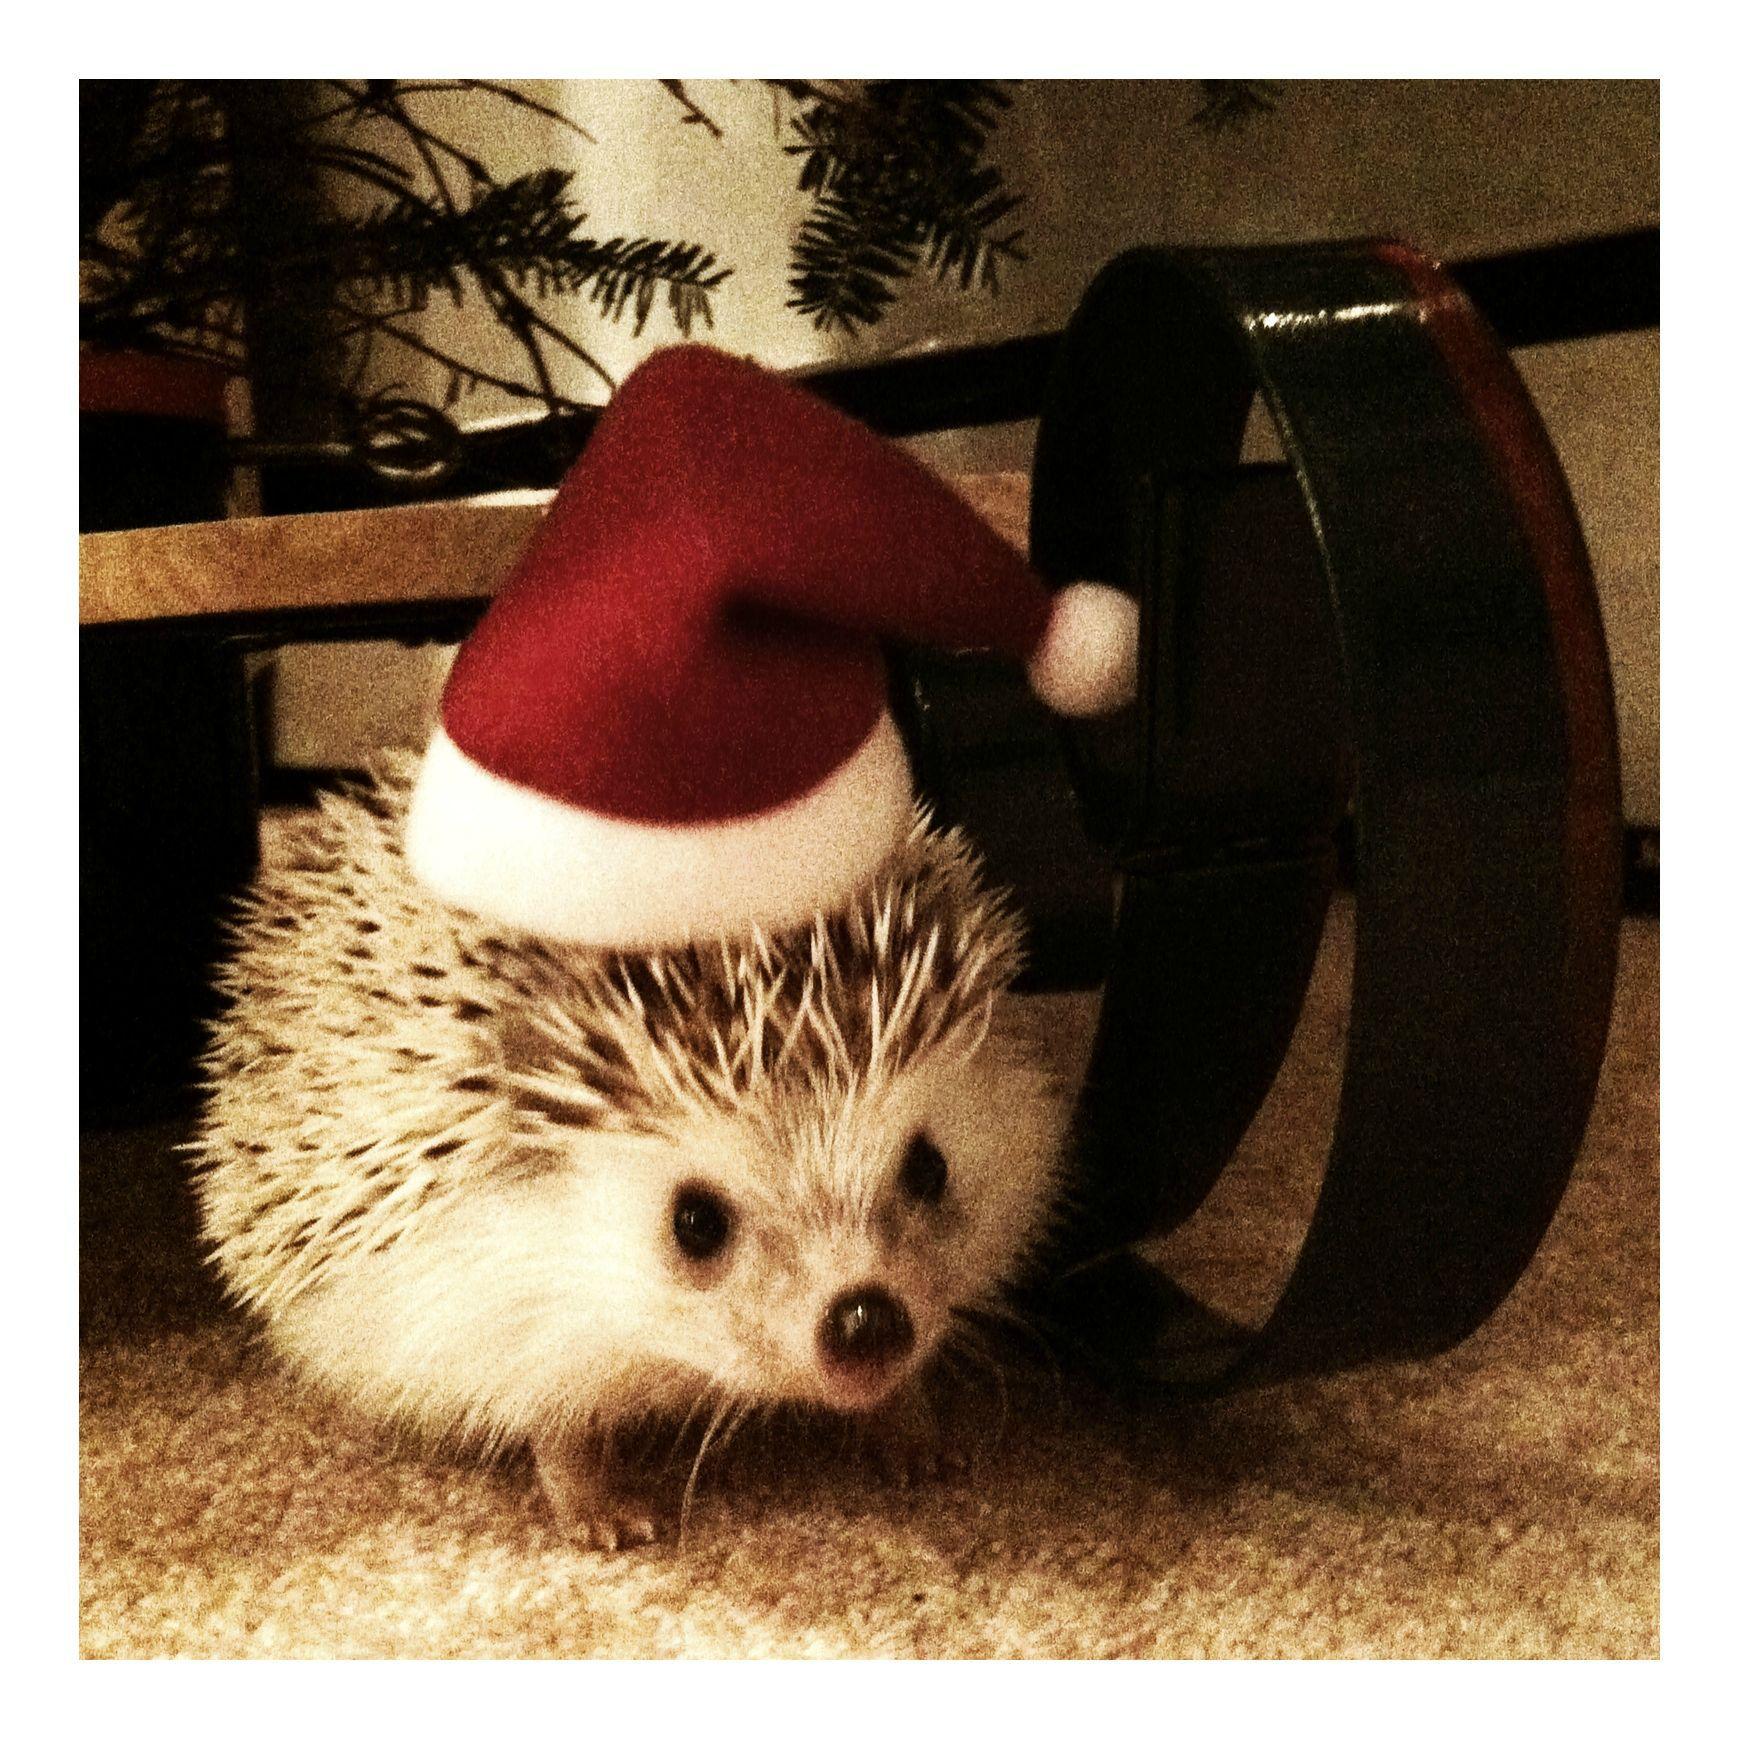 Santa Hedgie Fluffy Animals Hedgehog Pet Cute Hedgehog